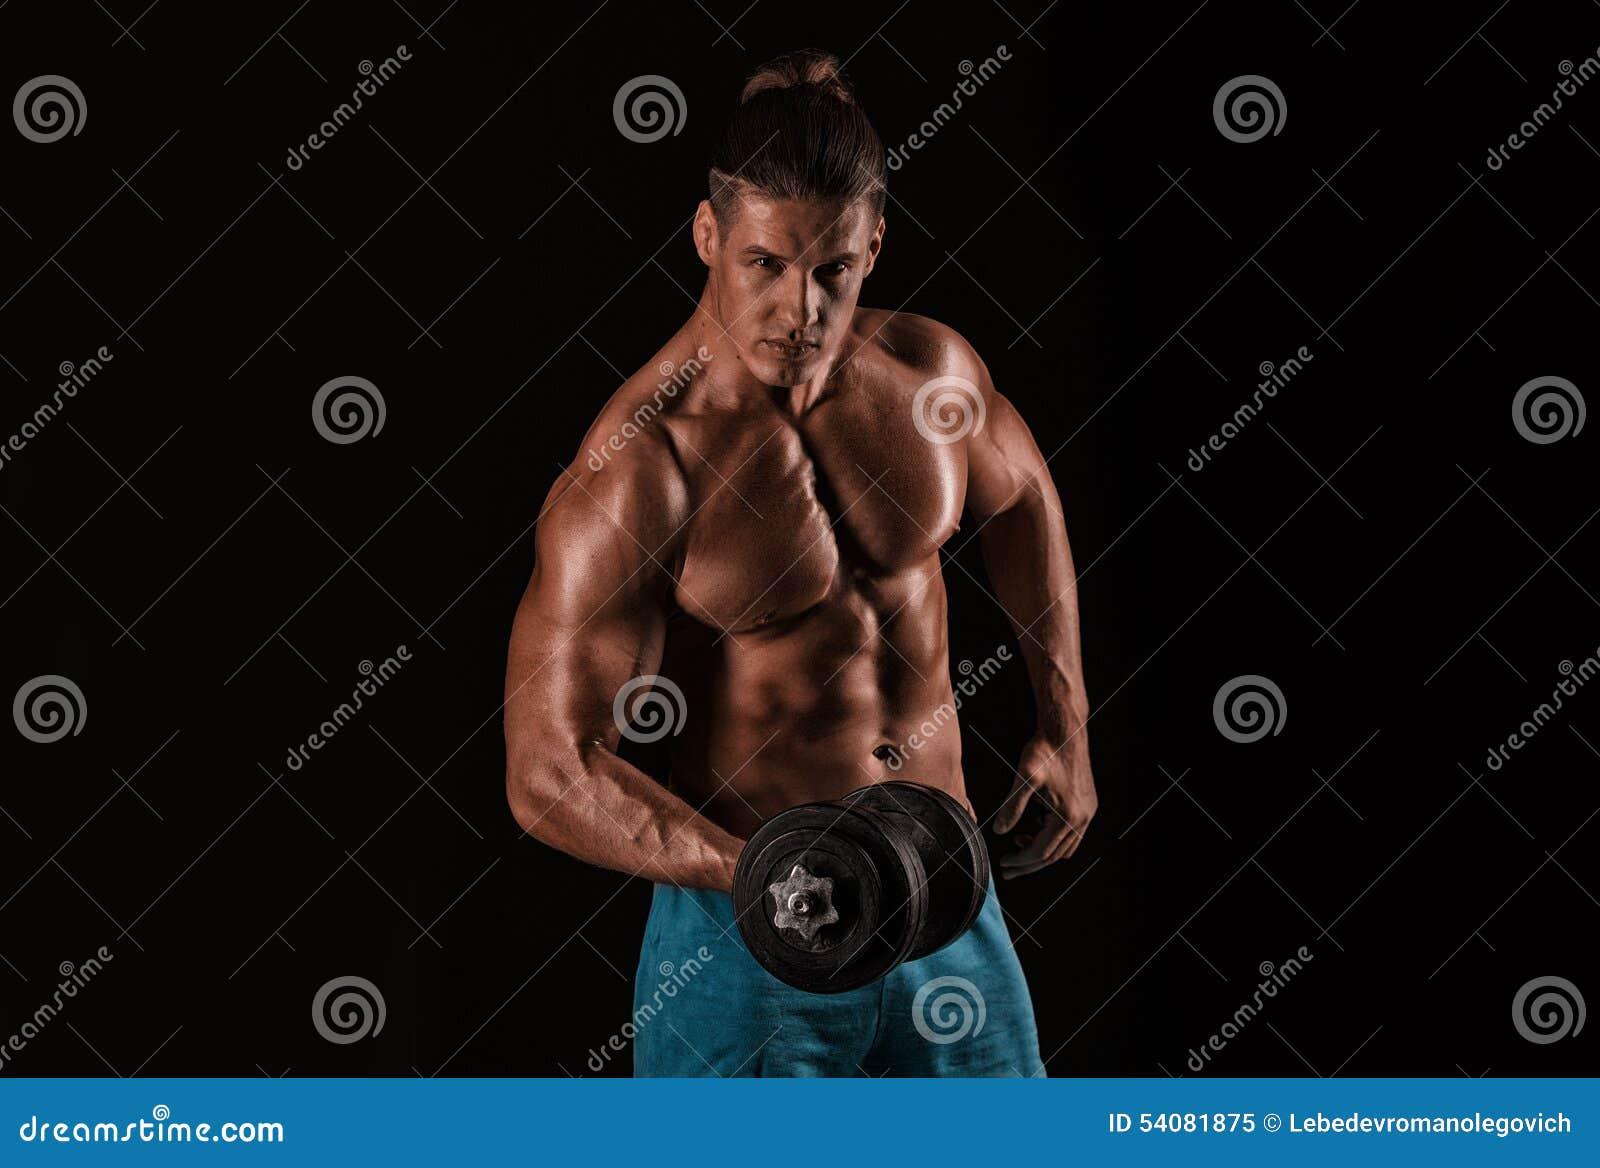 Sterke atletische mens met het perfecte lichaam stellen met domoren